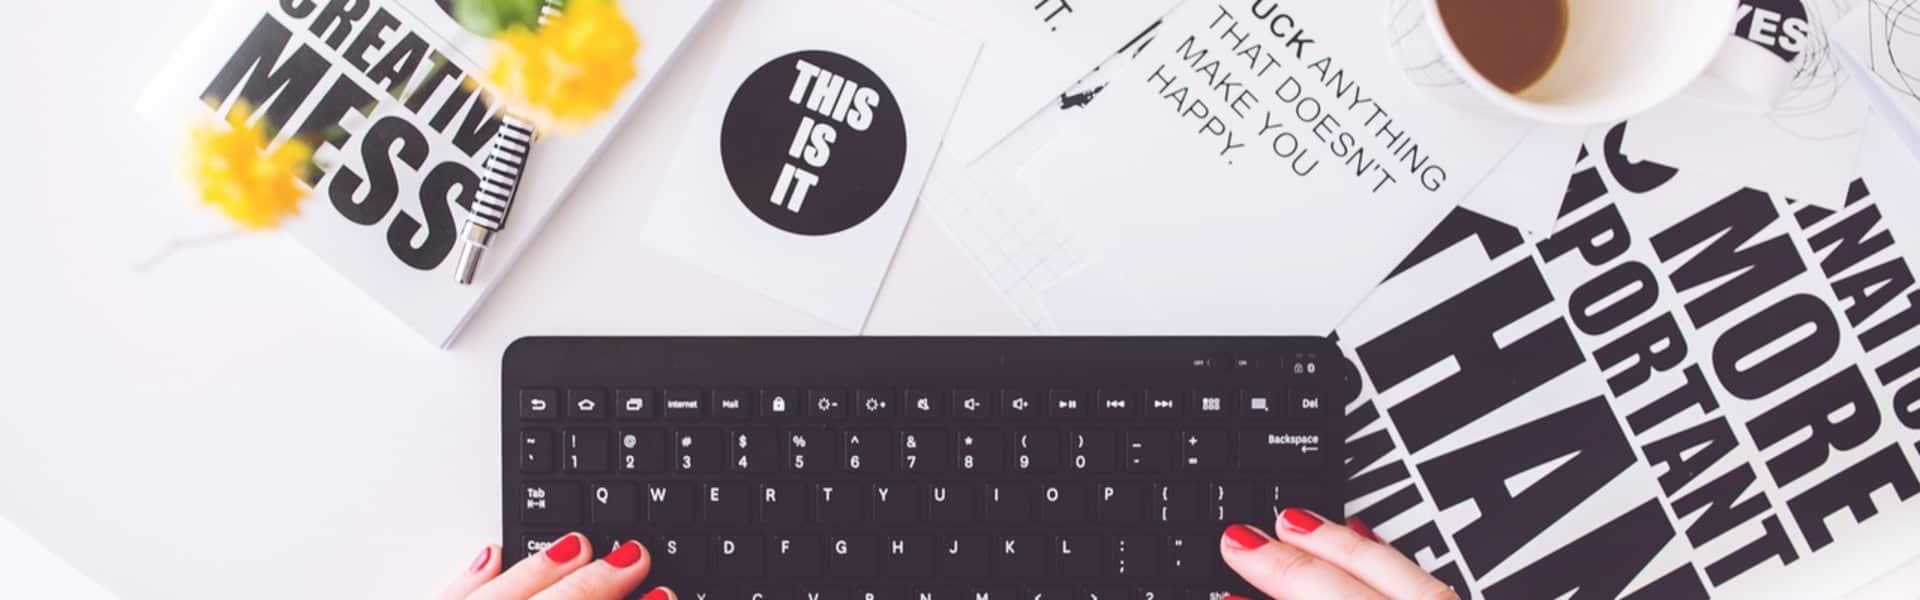 5 étapes pour créer un blog pro